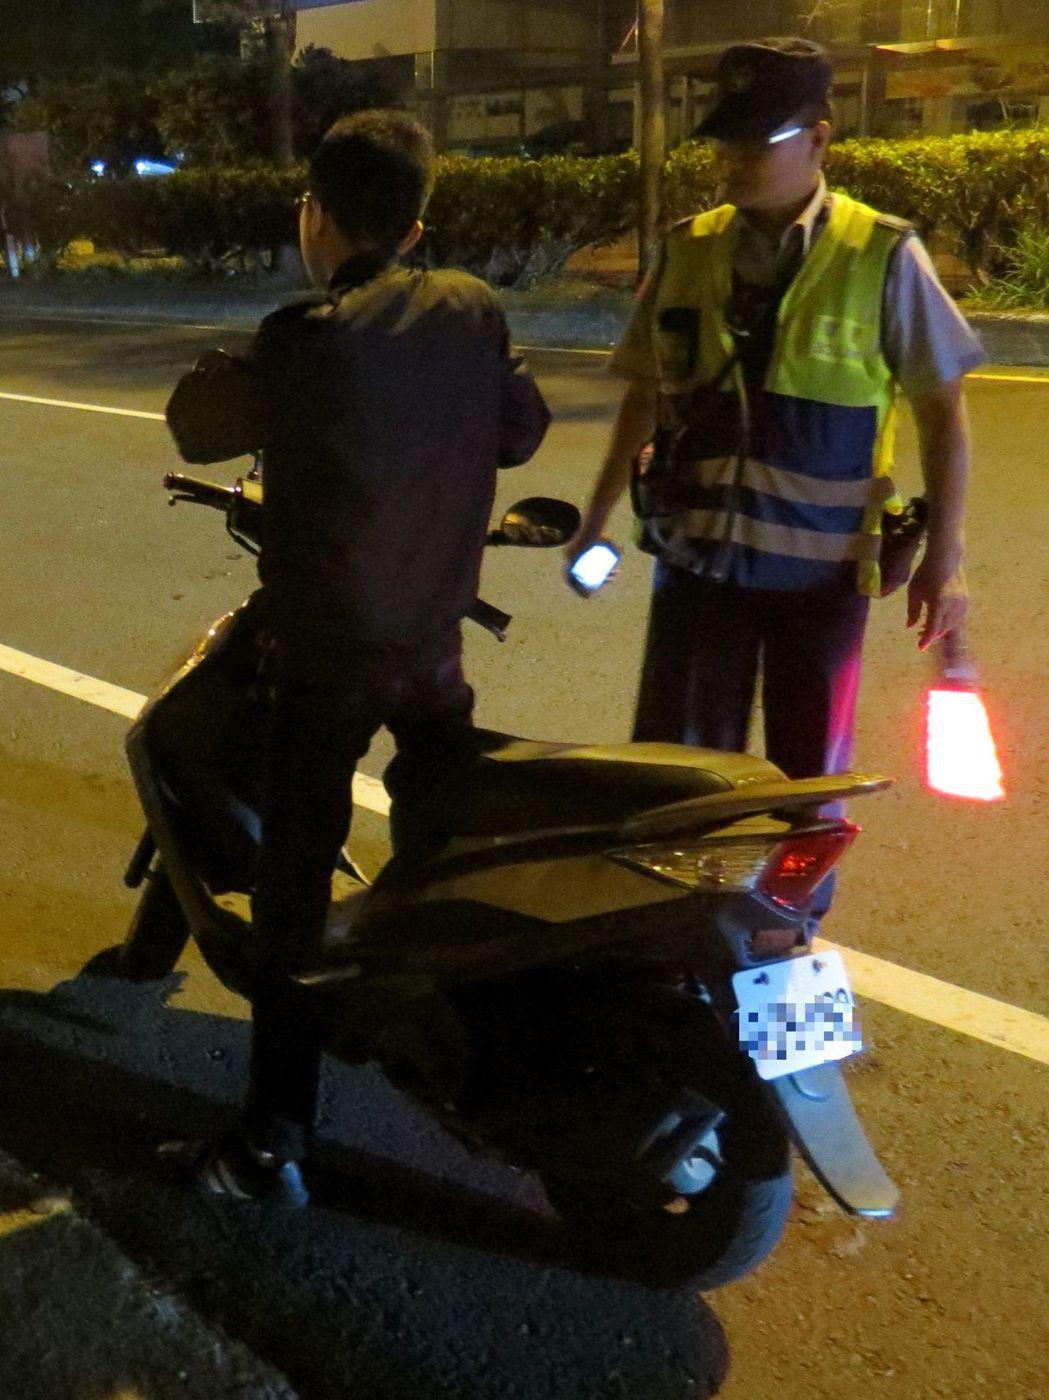 外勞交通違規日增,警方加強路口路邊攔查取締。記者周宗/攝影